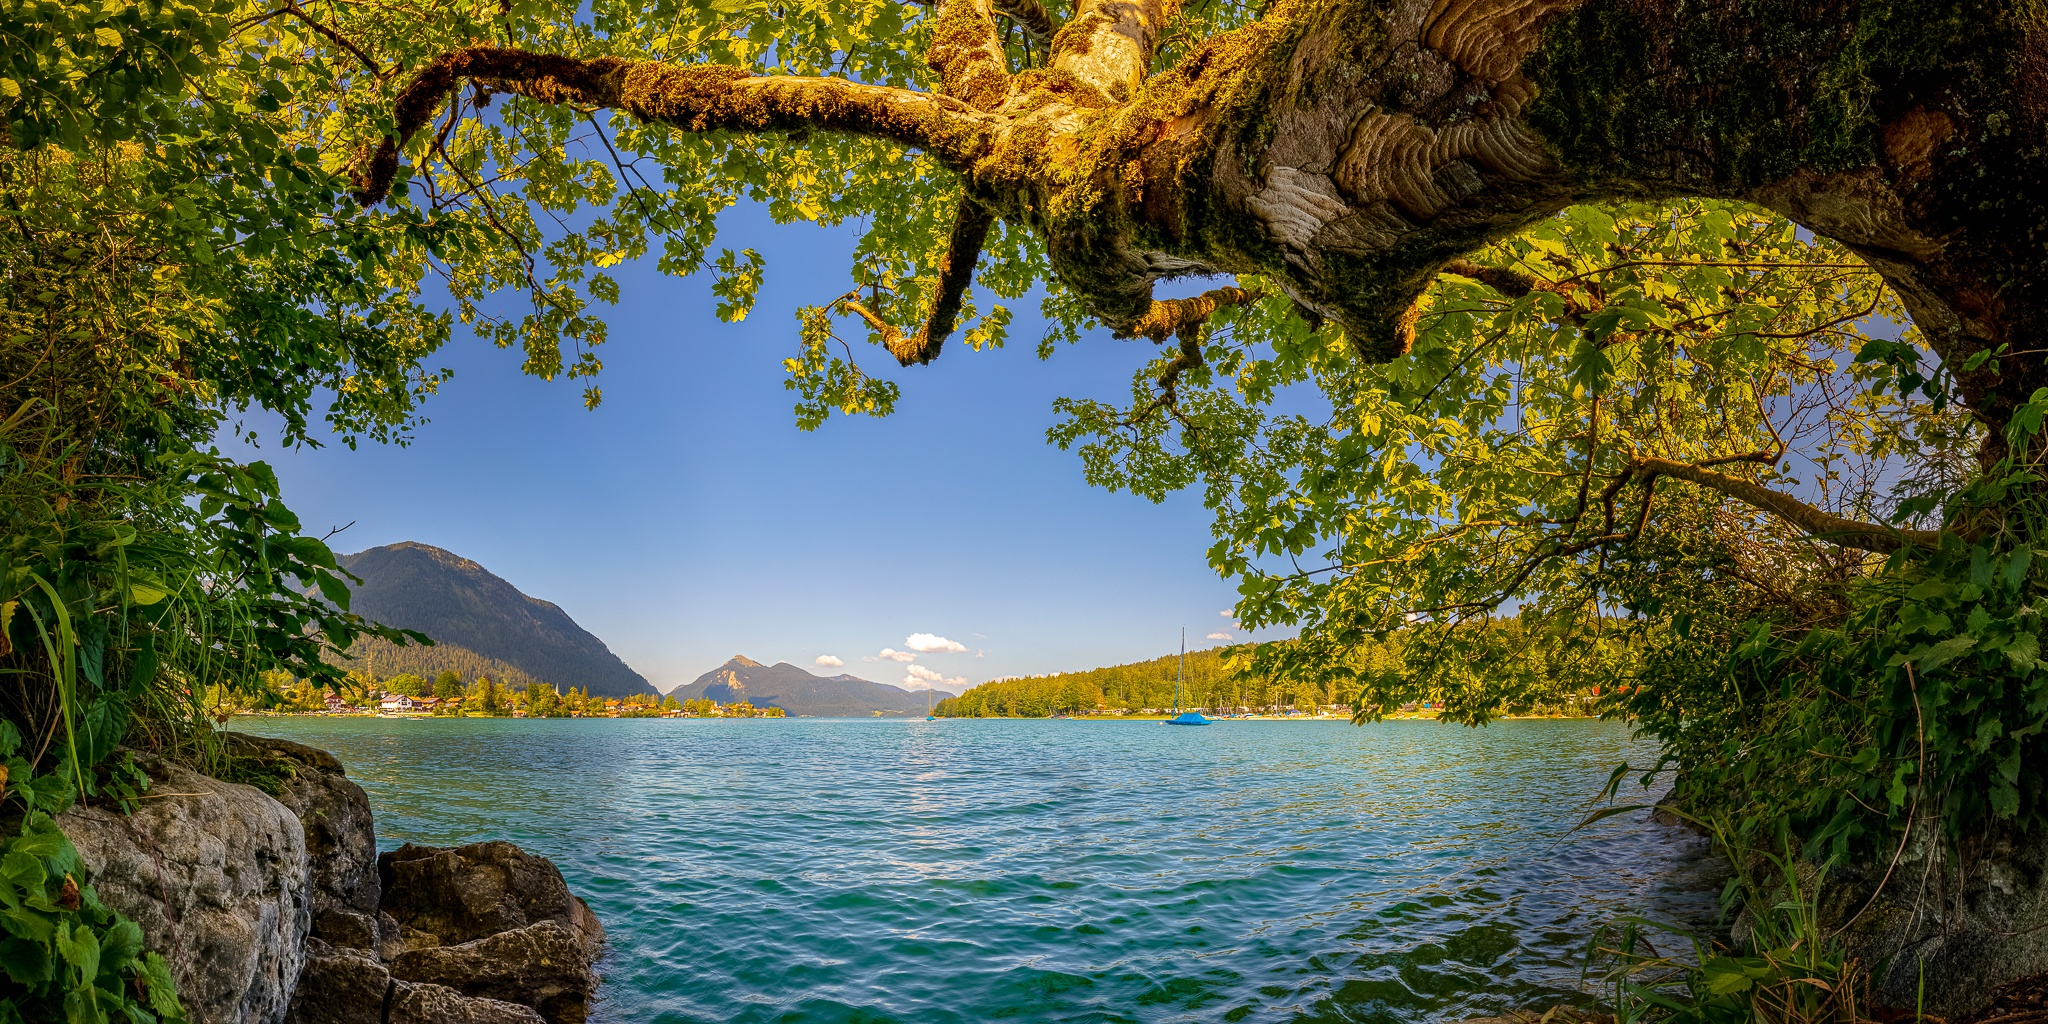 Badewetter am Walchensee, der See beeindruckt mit seinem türkisfarbenen klaren Wasser. Ein Ahorn formt den Bilderrahmen.